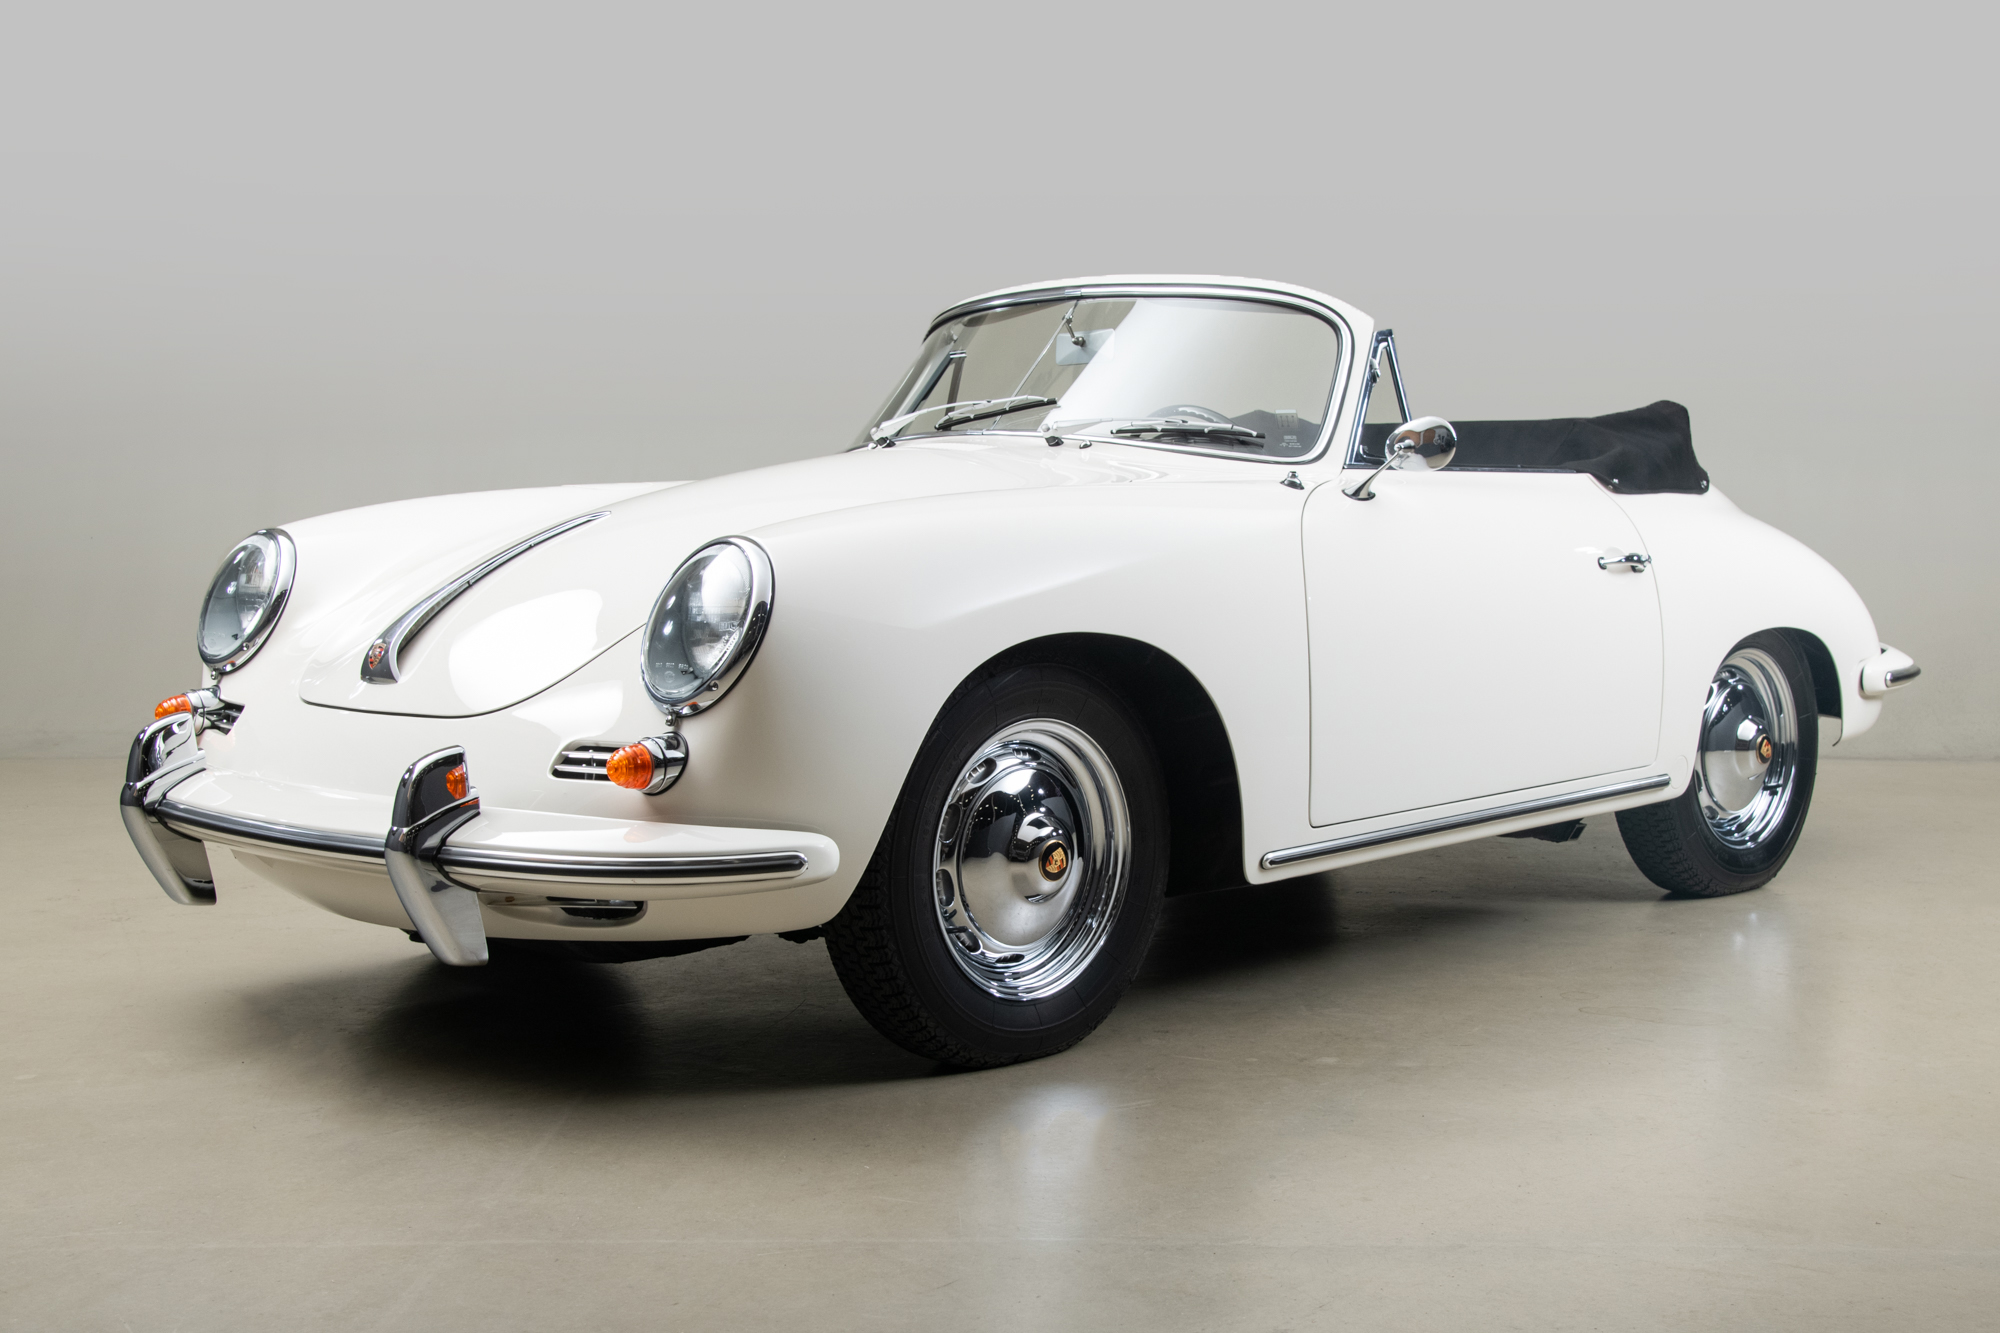 1963 Porsche 356 Cabriolet S , WHITE, VIN 158419, MILEAGE 7601